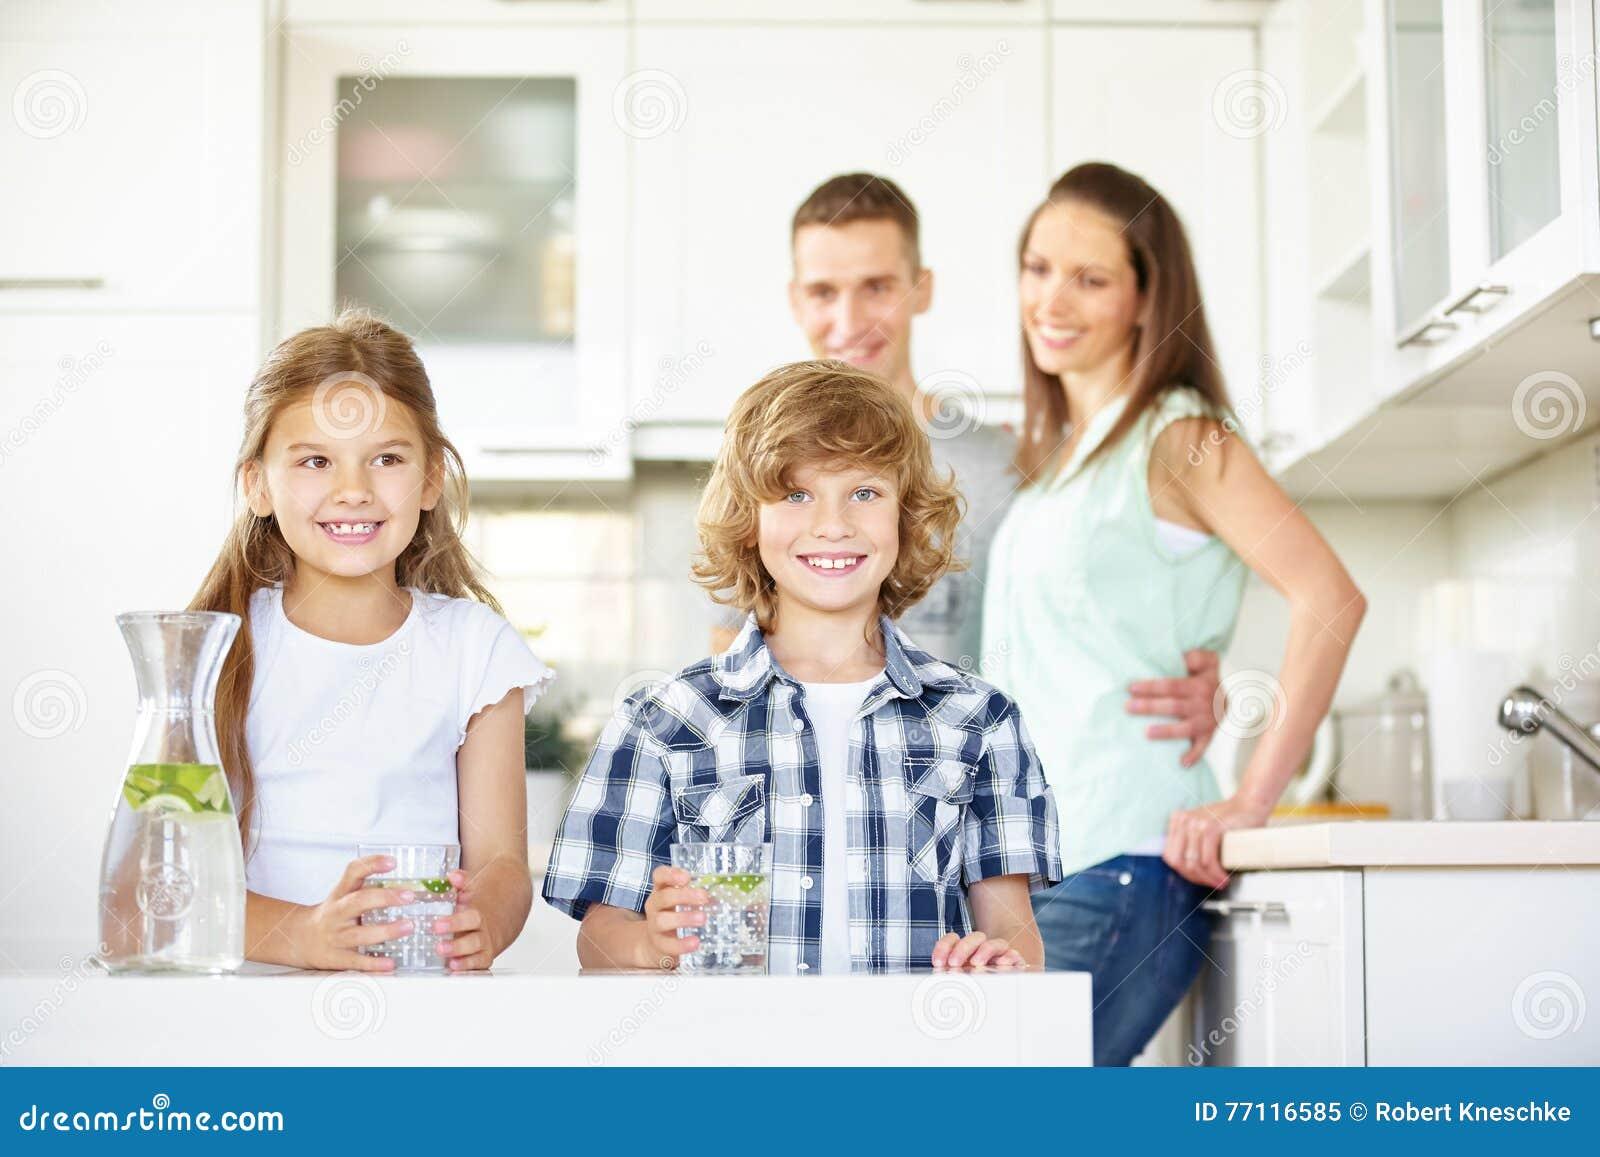 Children in kitchen with fresh water